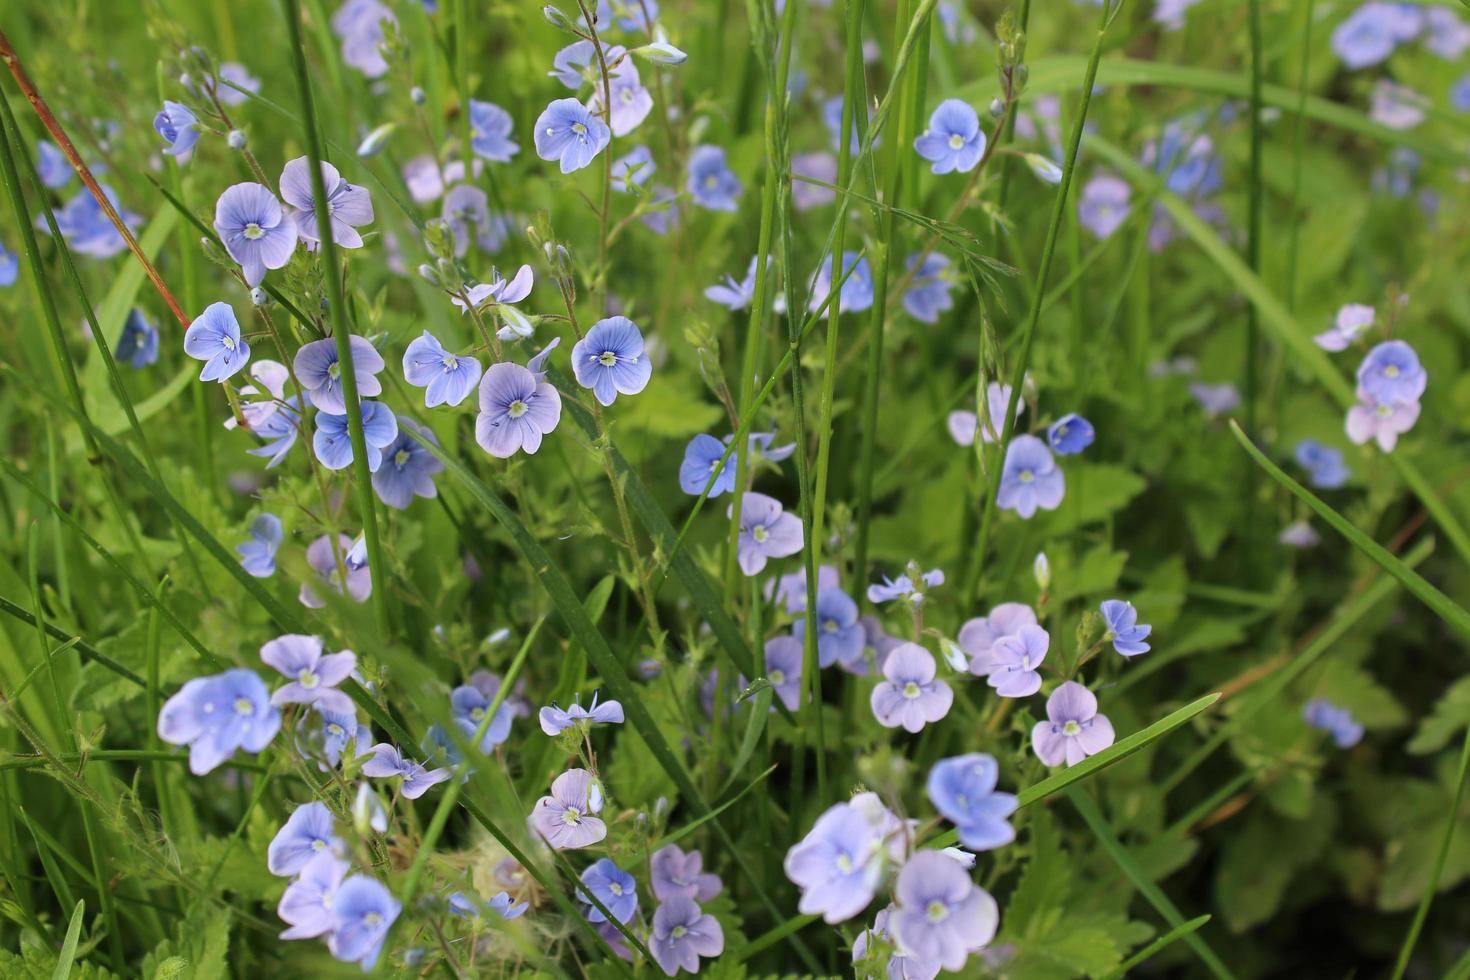 petites fleurs bleues et violettes photo